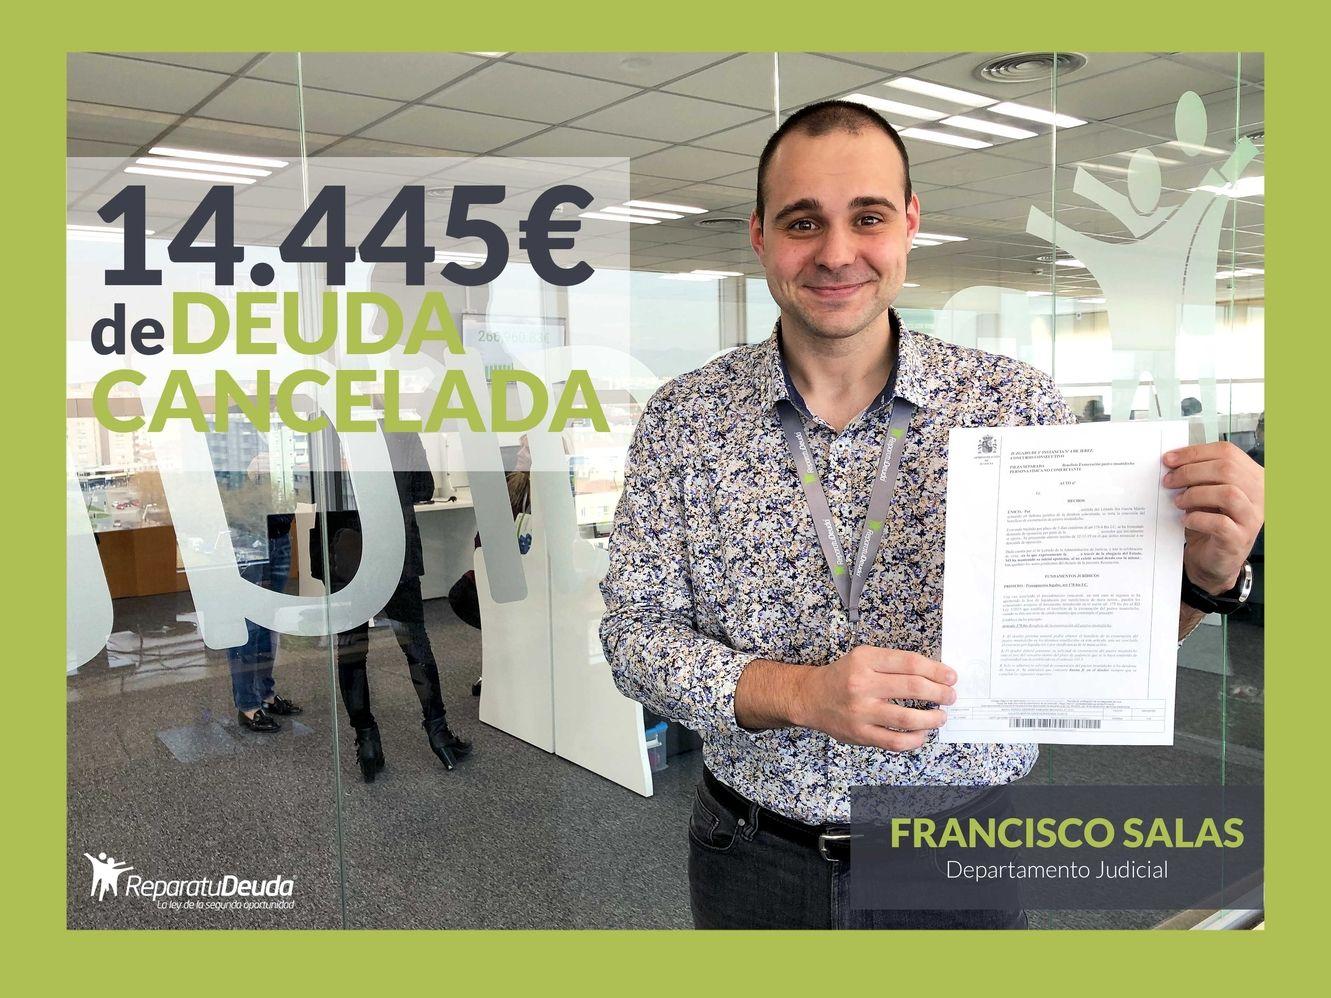 Repara tu Deuda Abogados cancela 14.445 euros con 17 bancos y financieras con la Ley de Segunda Oportunidad